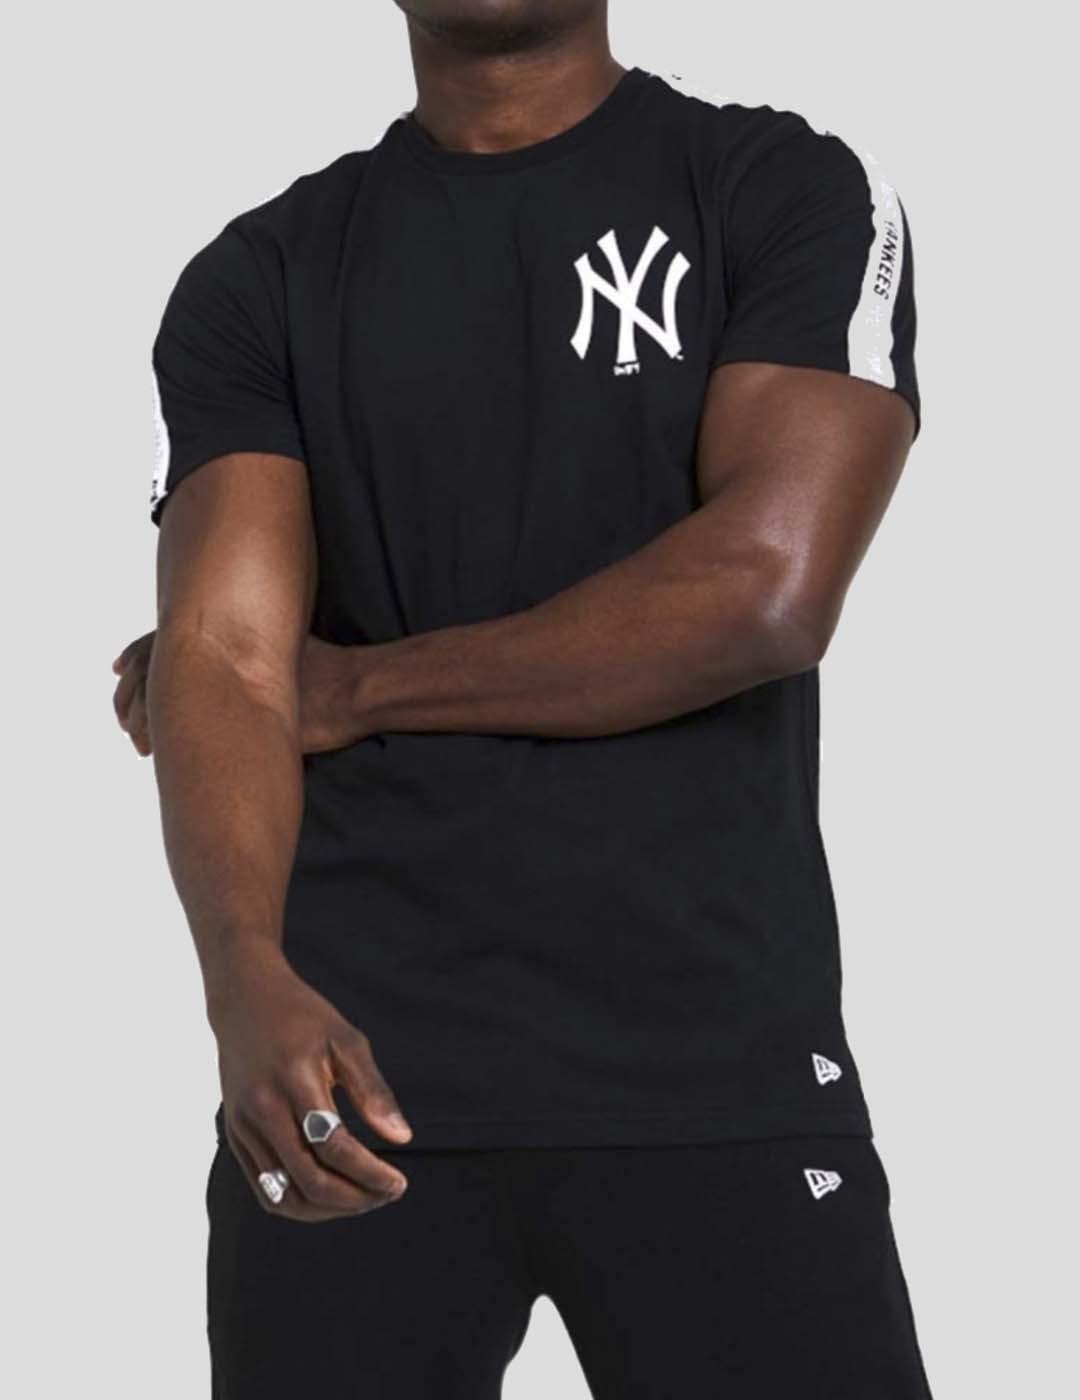 CAMISETA NEW ERA MLB SLEEVE TAPING NEEYAN TEE BLACK WHITE